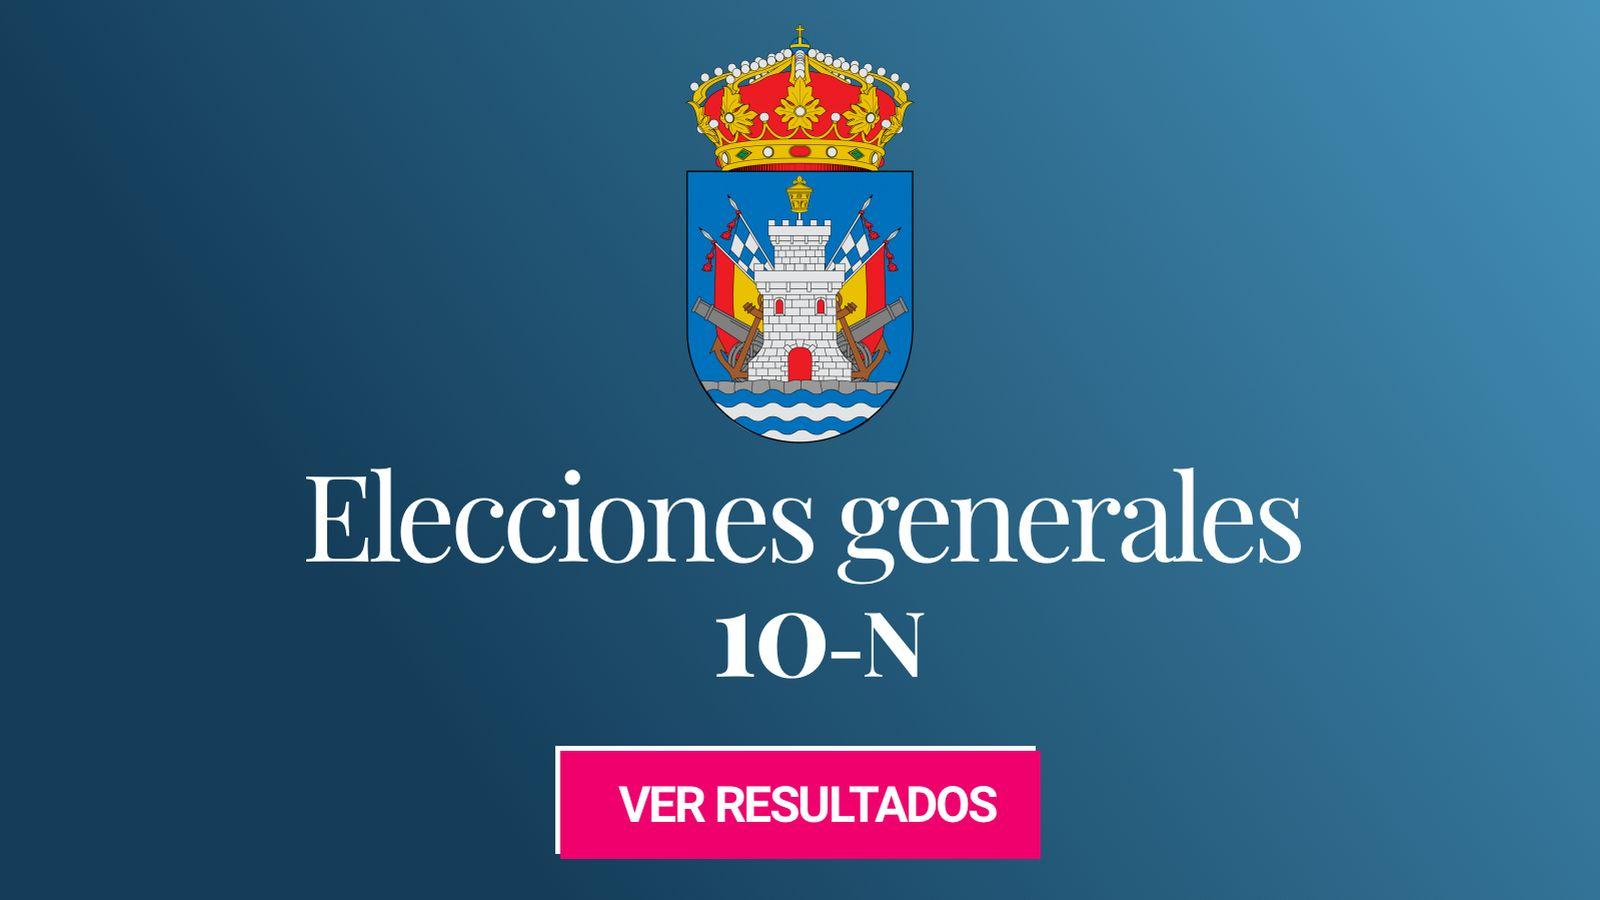 Foto: Elecciones generales 2019 en Ferrol. (C.C./EC)